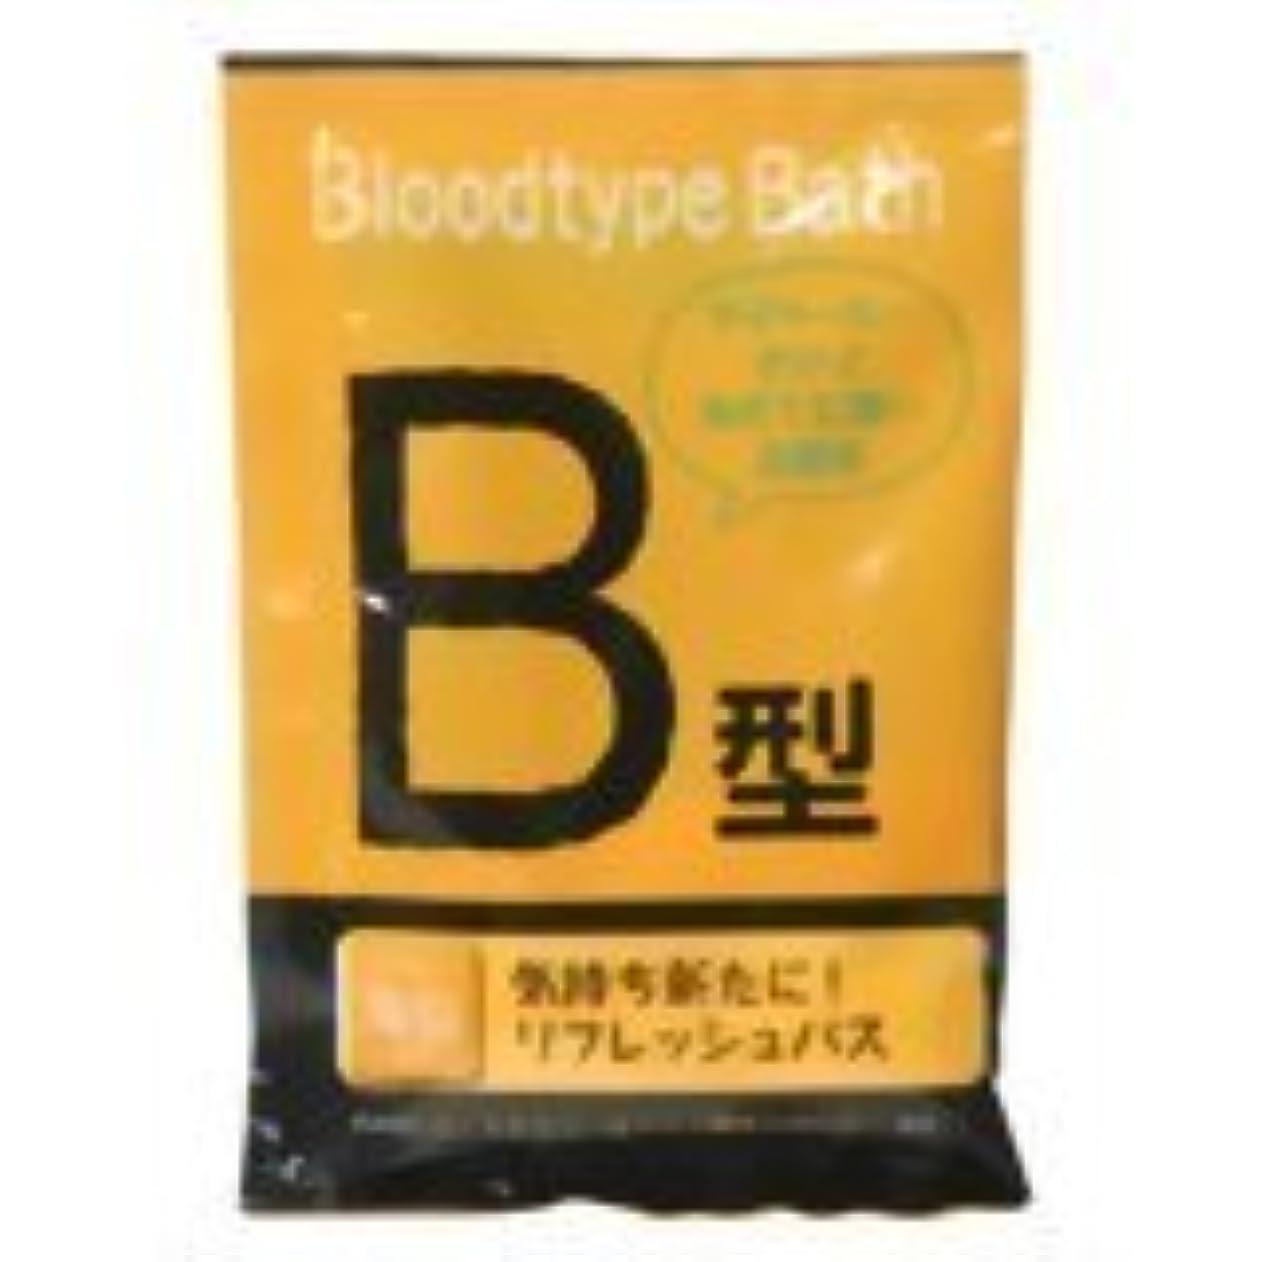 アセマット移動する紀陽除虫菊 ブラッドタイプバス B【まとめ買い12個セット】 N-8251